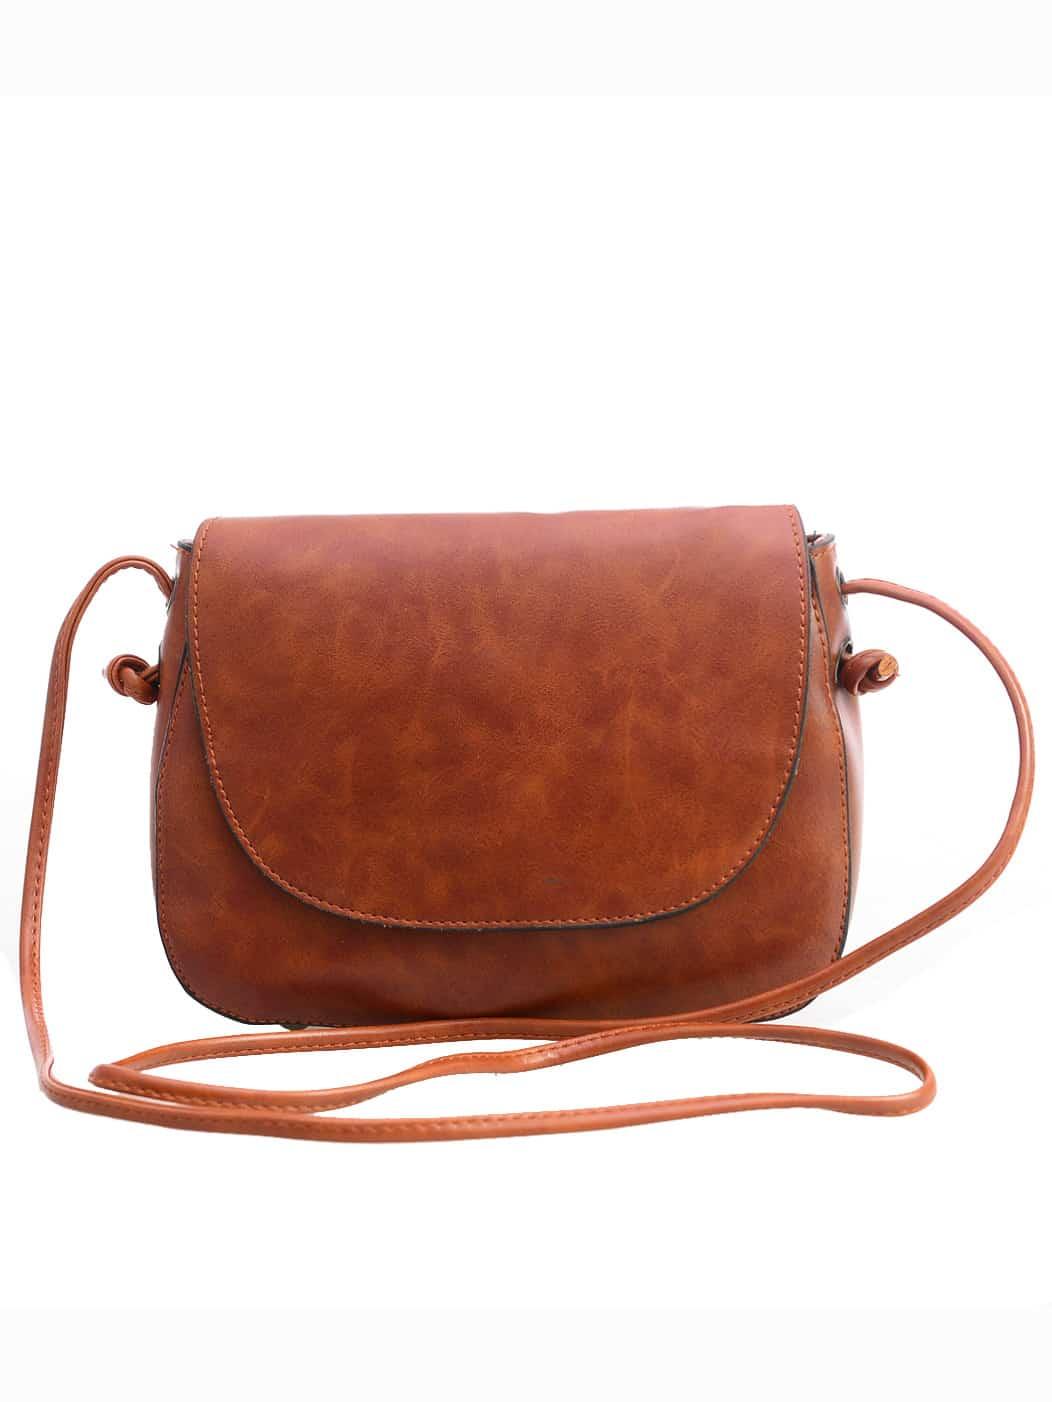 Magnetic Closure Saddle Bag